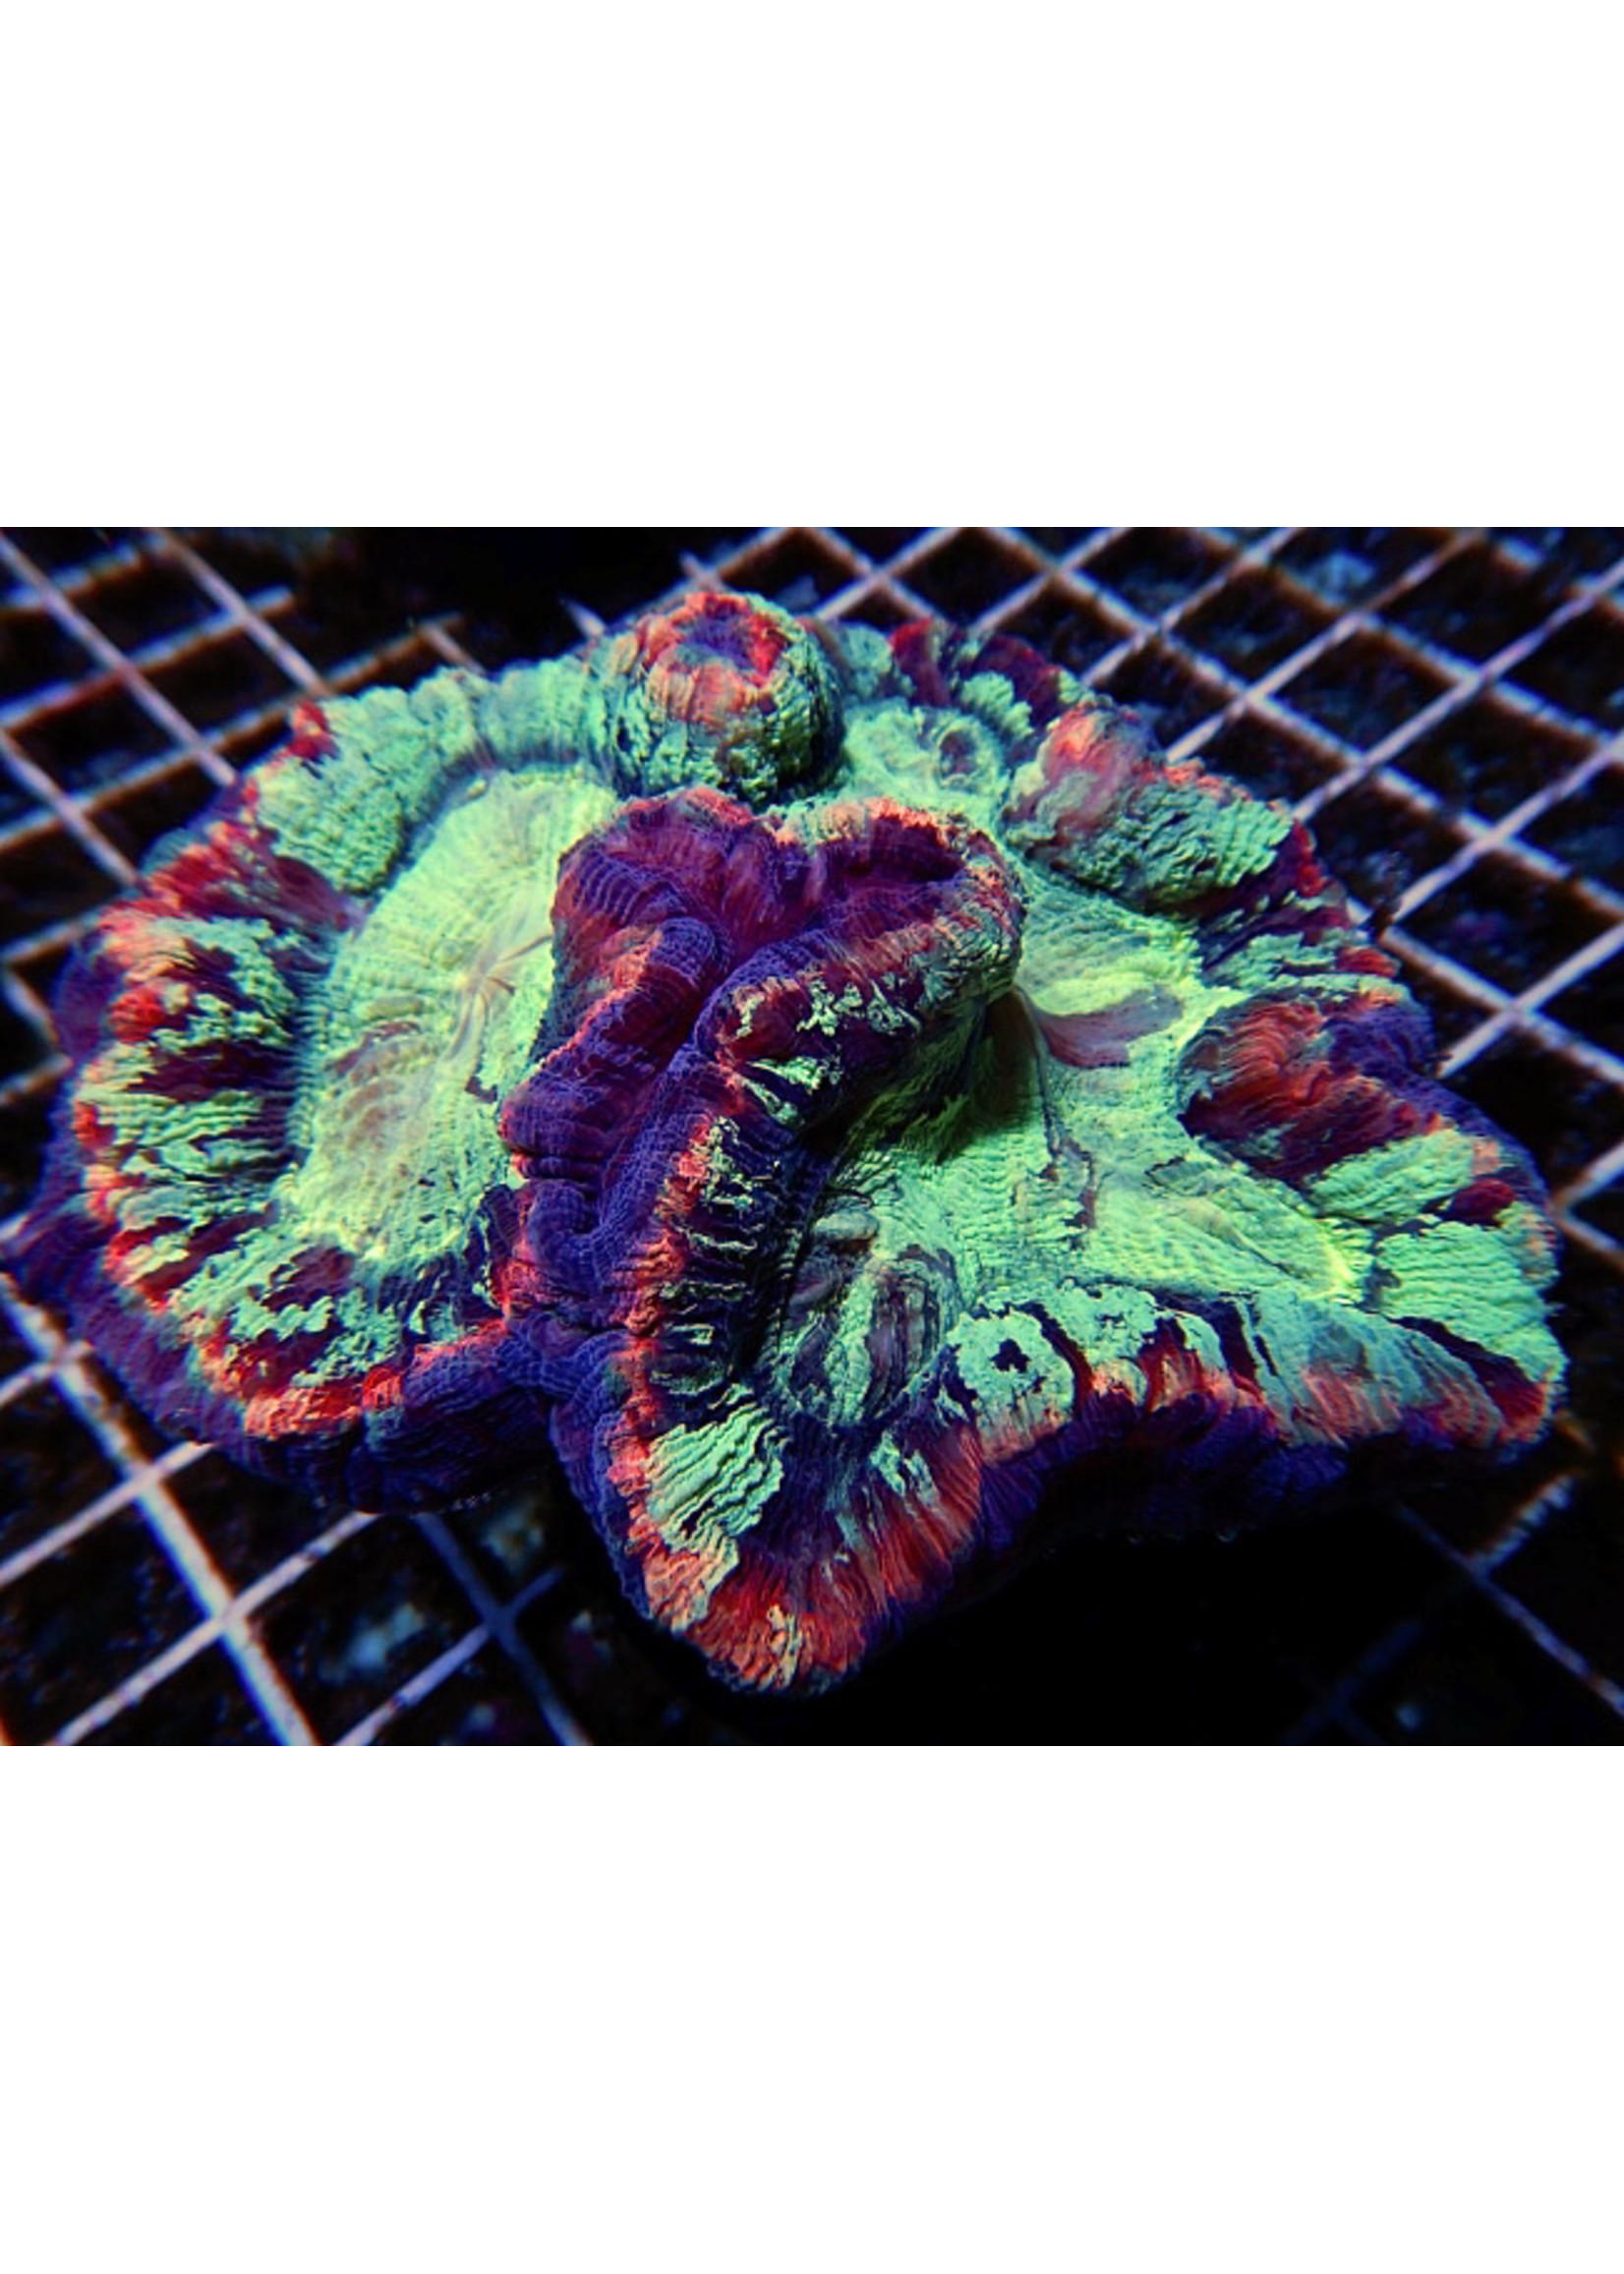 Trachy Indo Trachy Coral  WYSIWYG